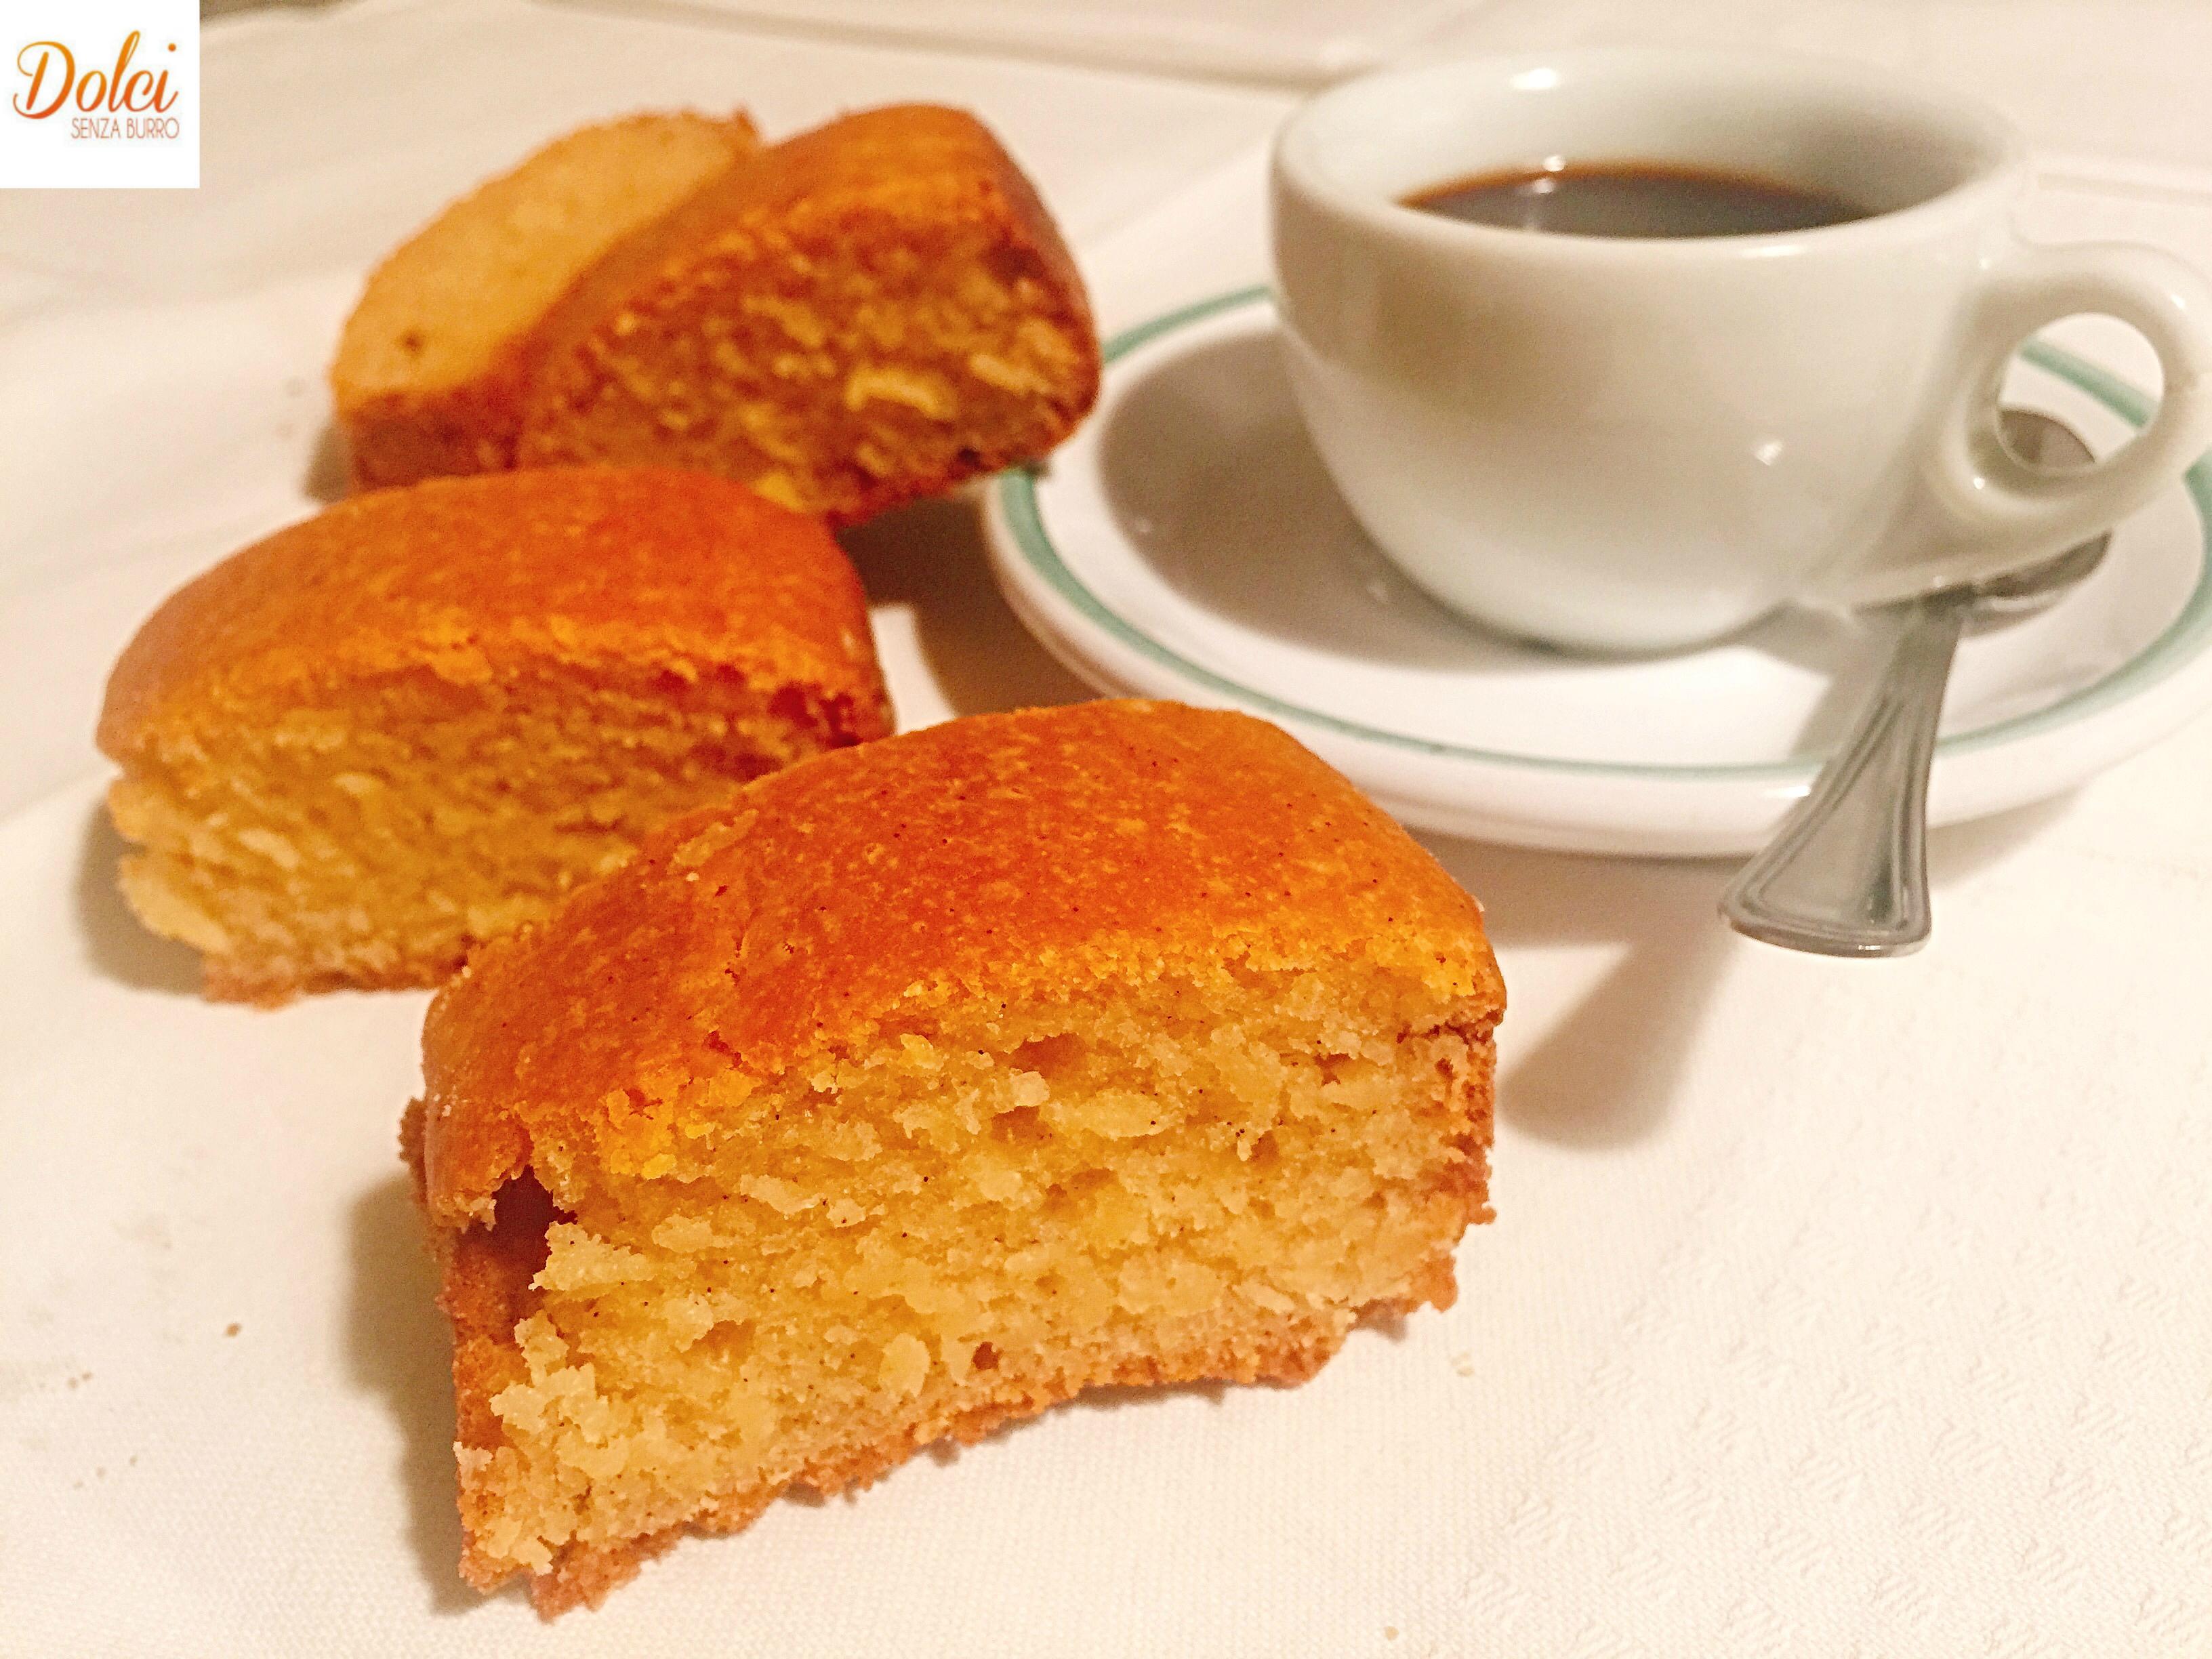 Torta alla Vaniglia Senza Burro e Uova, un dolce leggero, senza grassi preparato da dolci senza burro